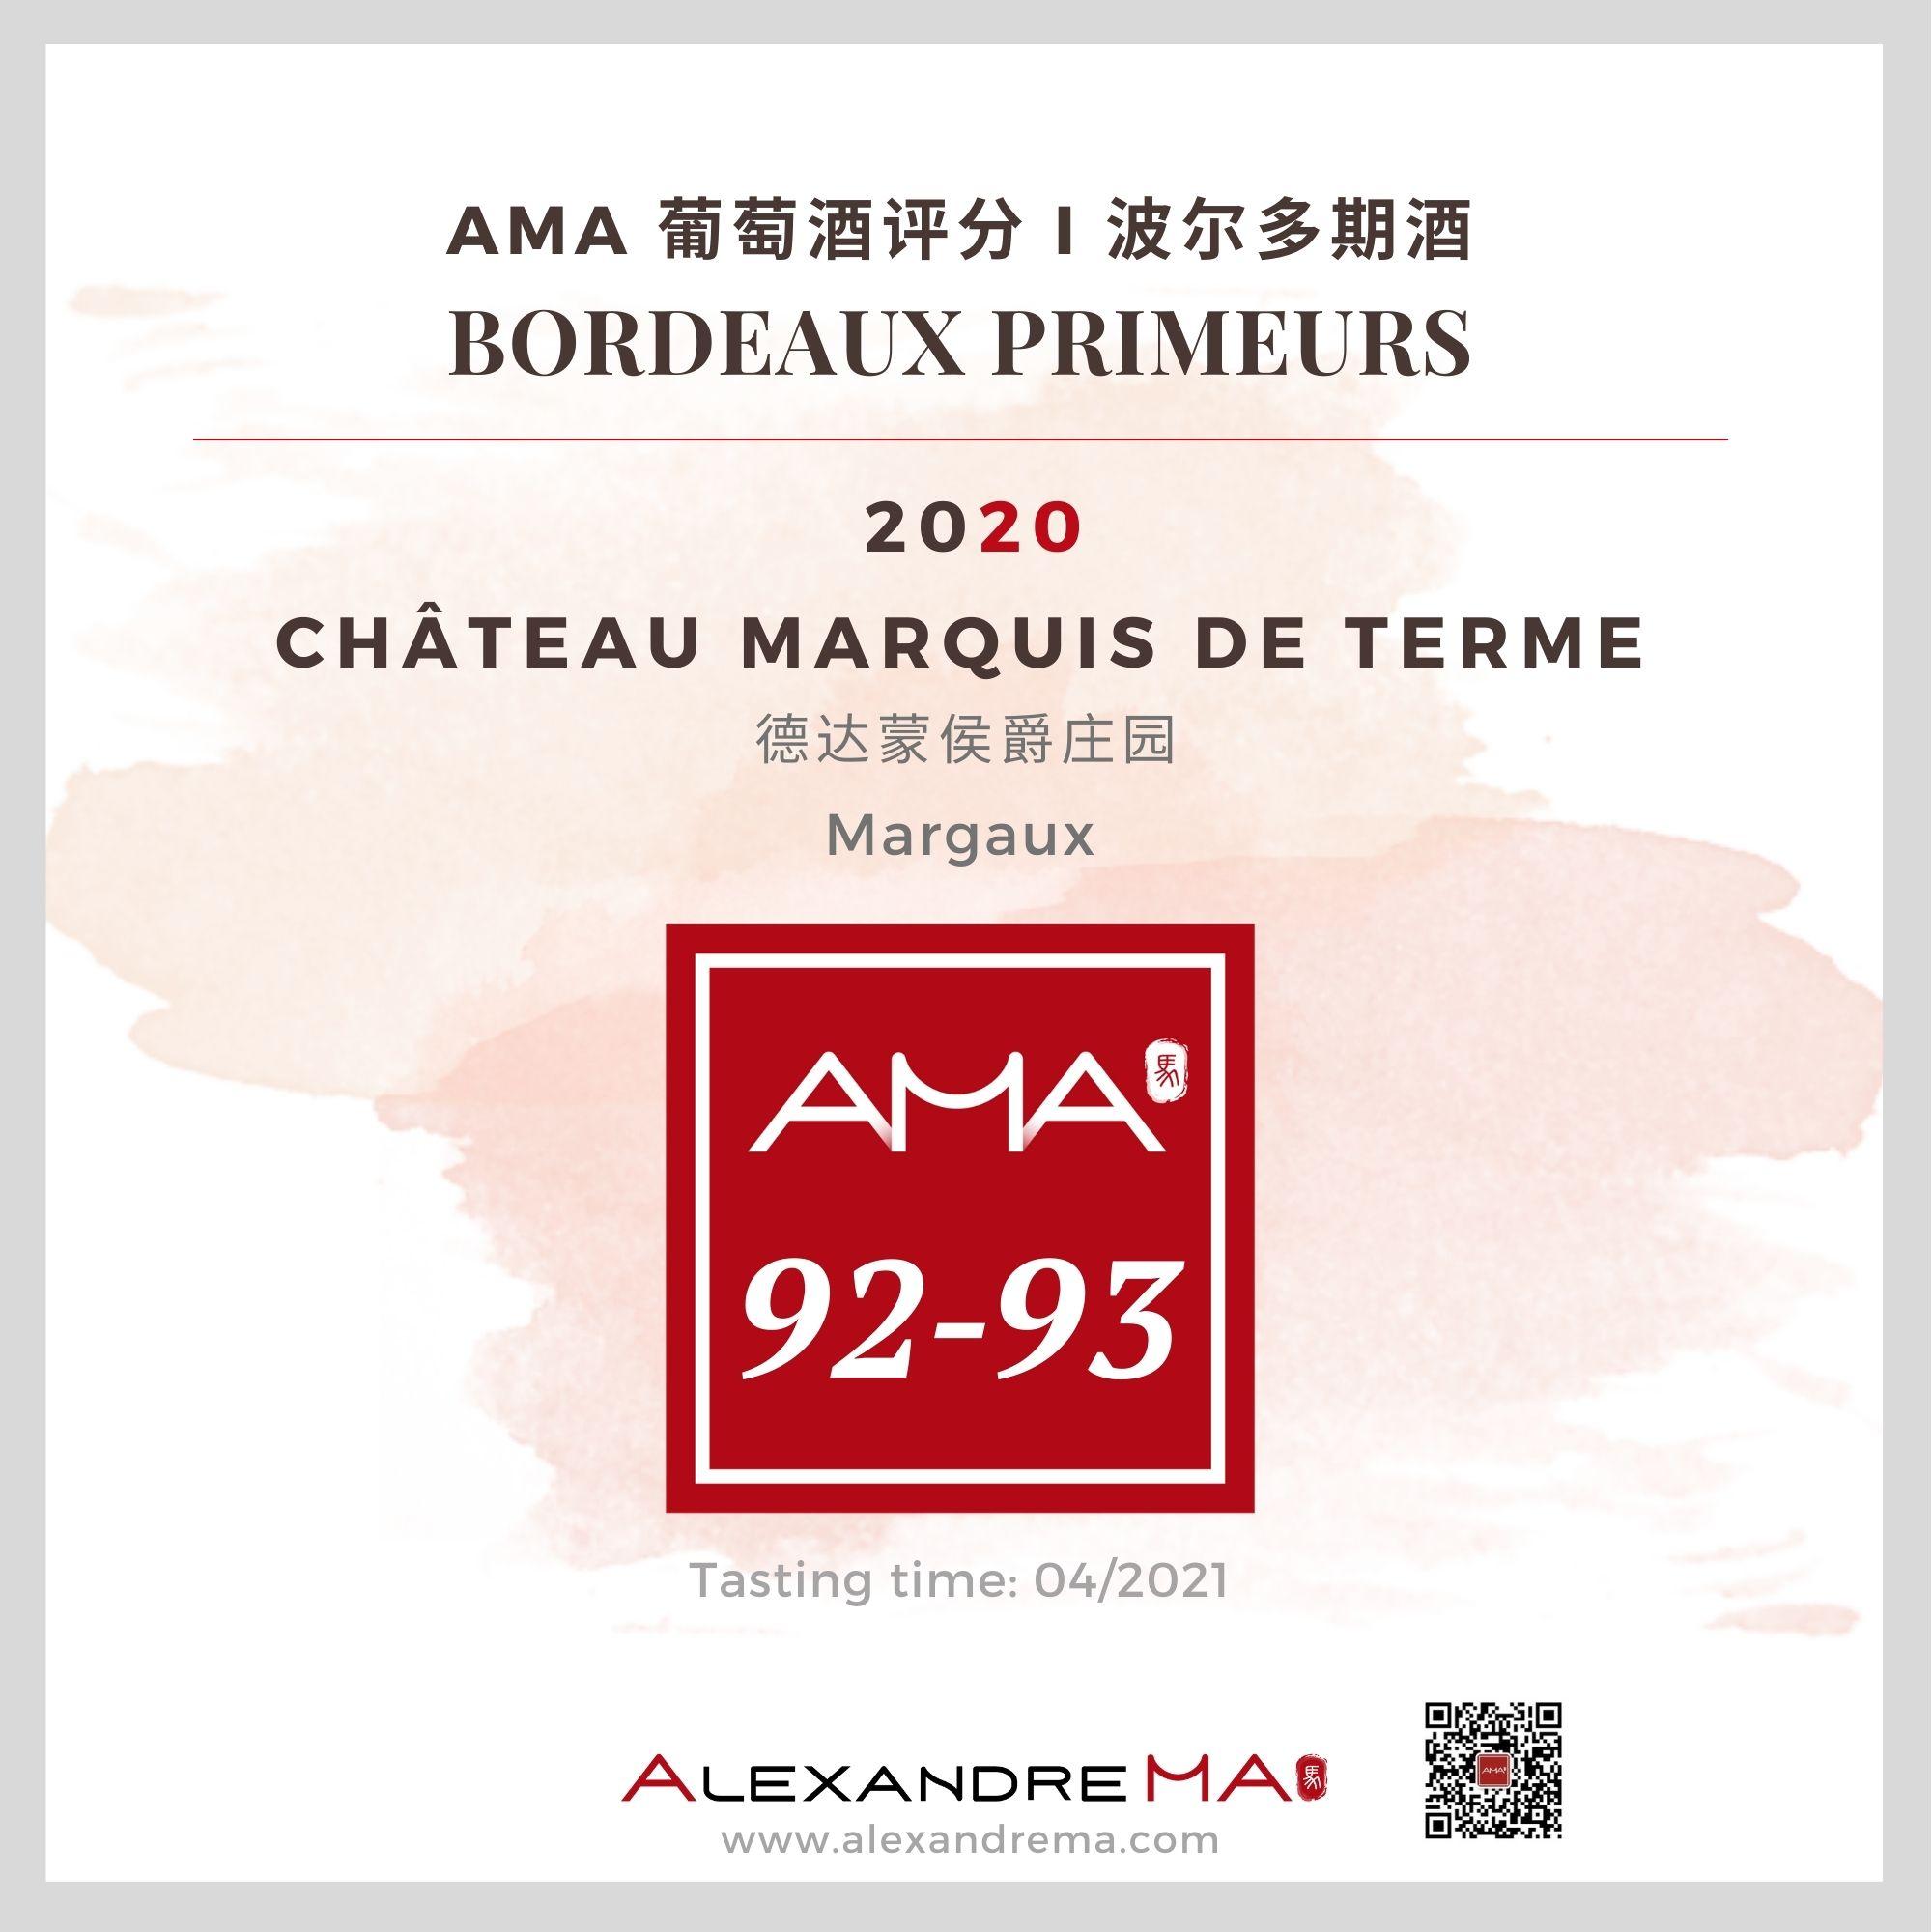 Château Marquis de Terme 2020 - Alexandre MA